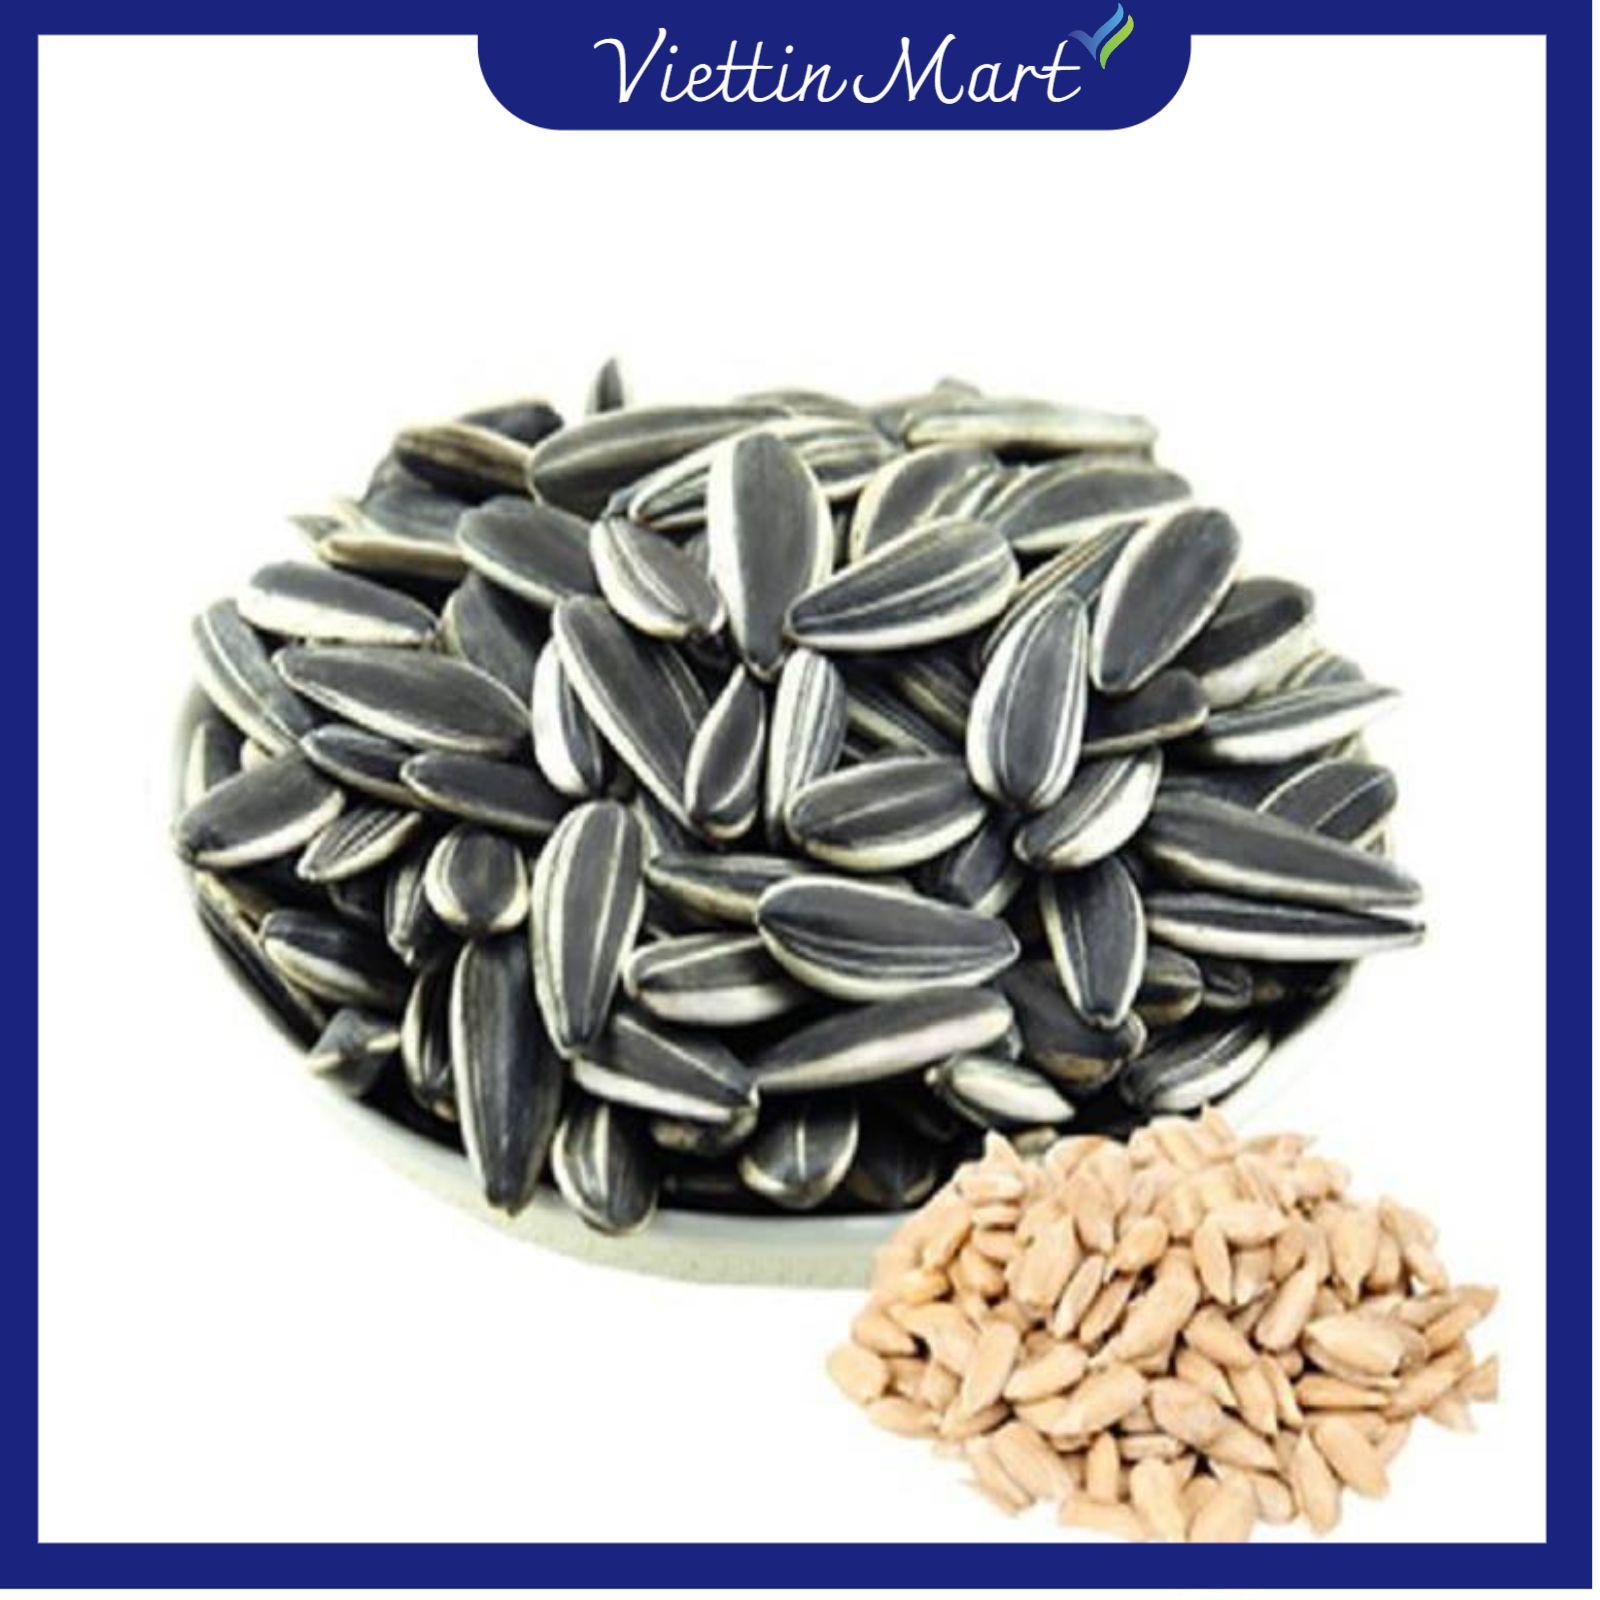 500g Hạt hướng dương - Viettin Mart, là một nguồn giàu kẽm, một ounce (tương đương 28g) hạt chứa hơn...